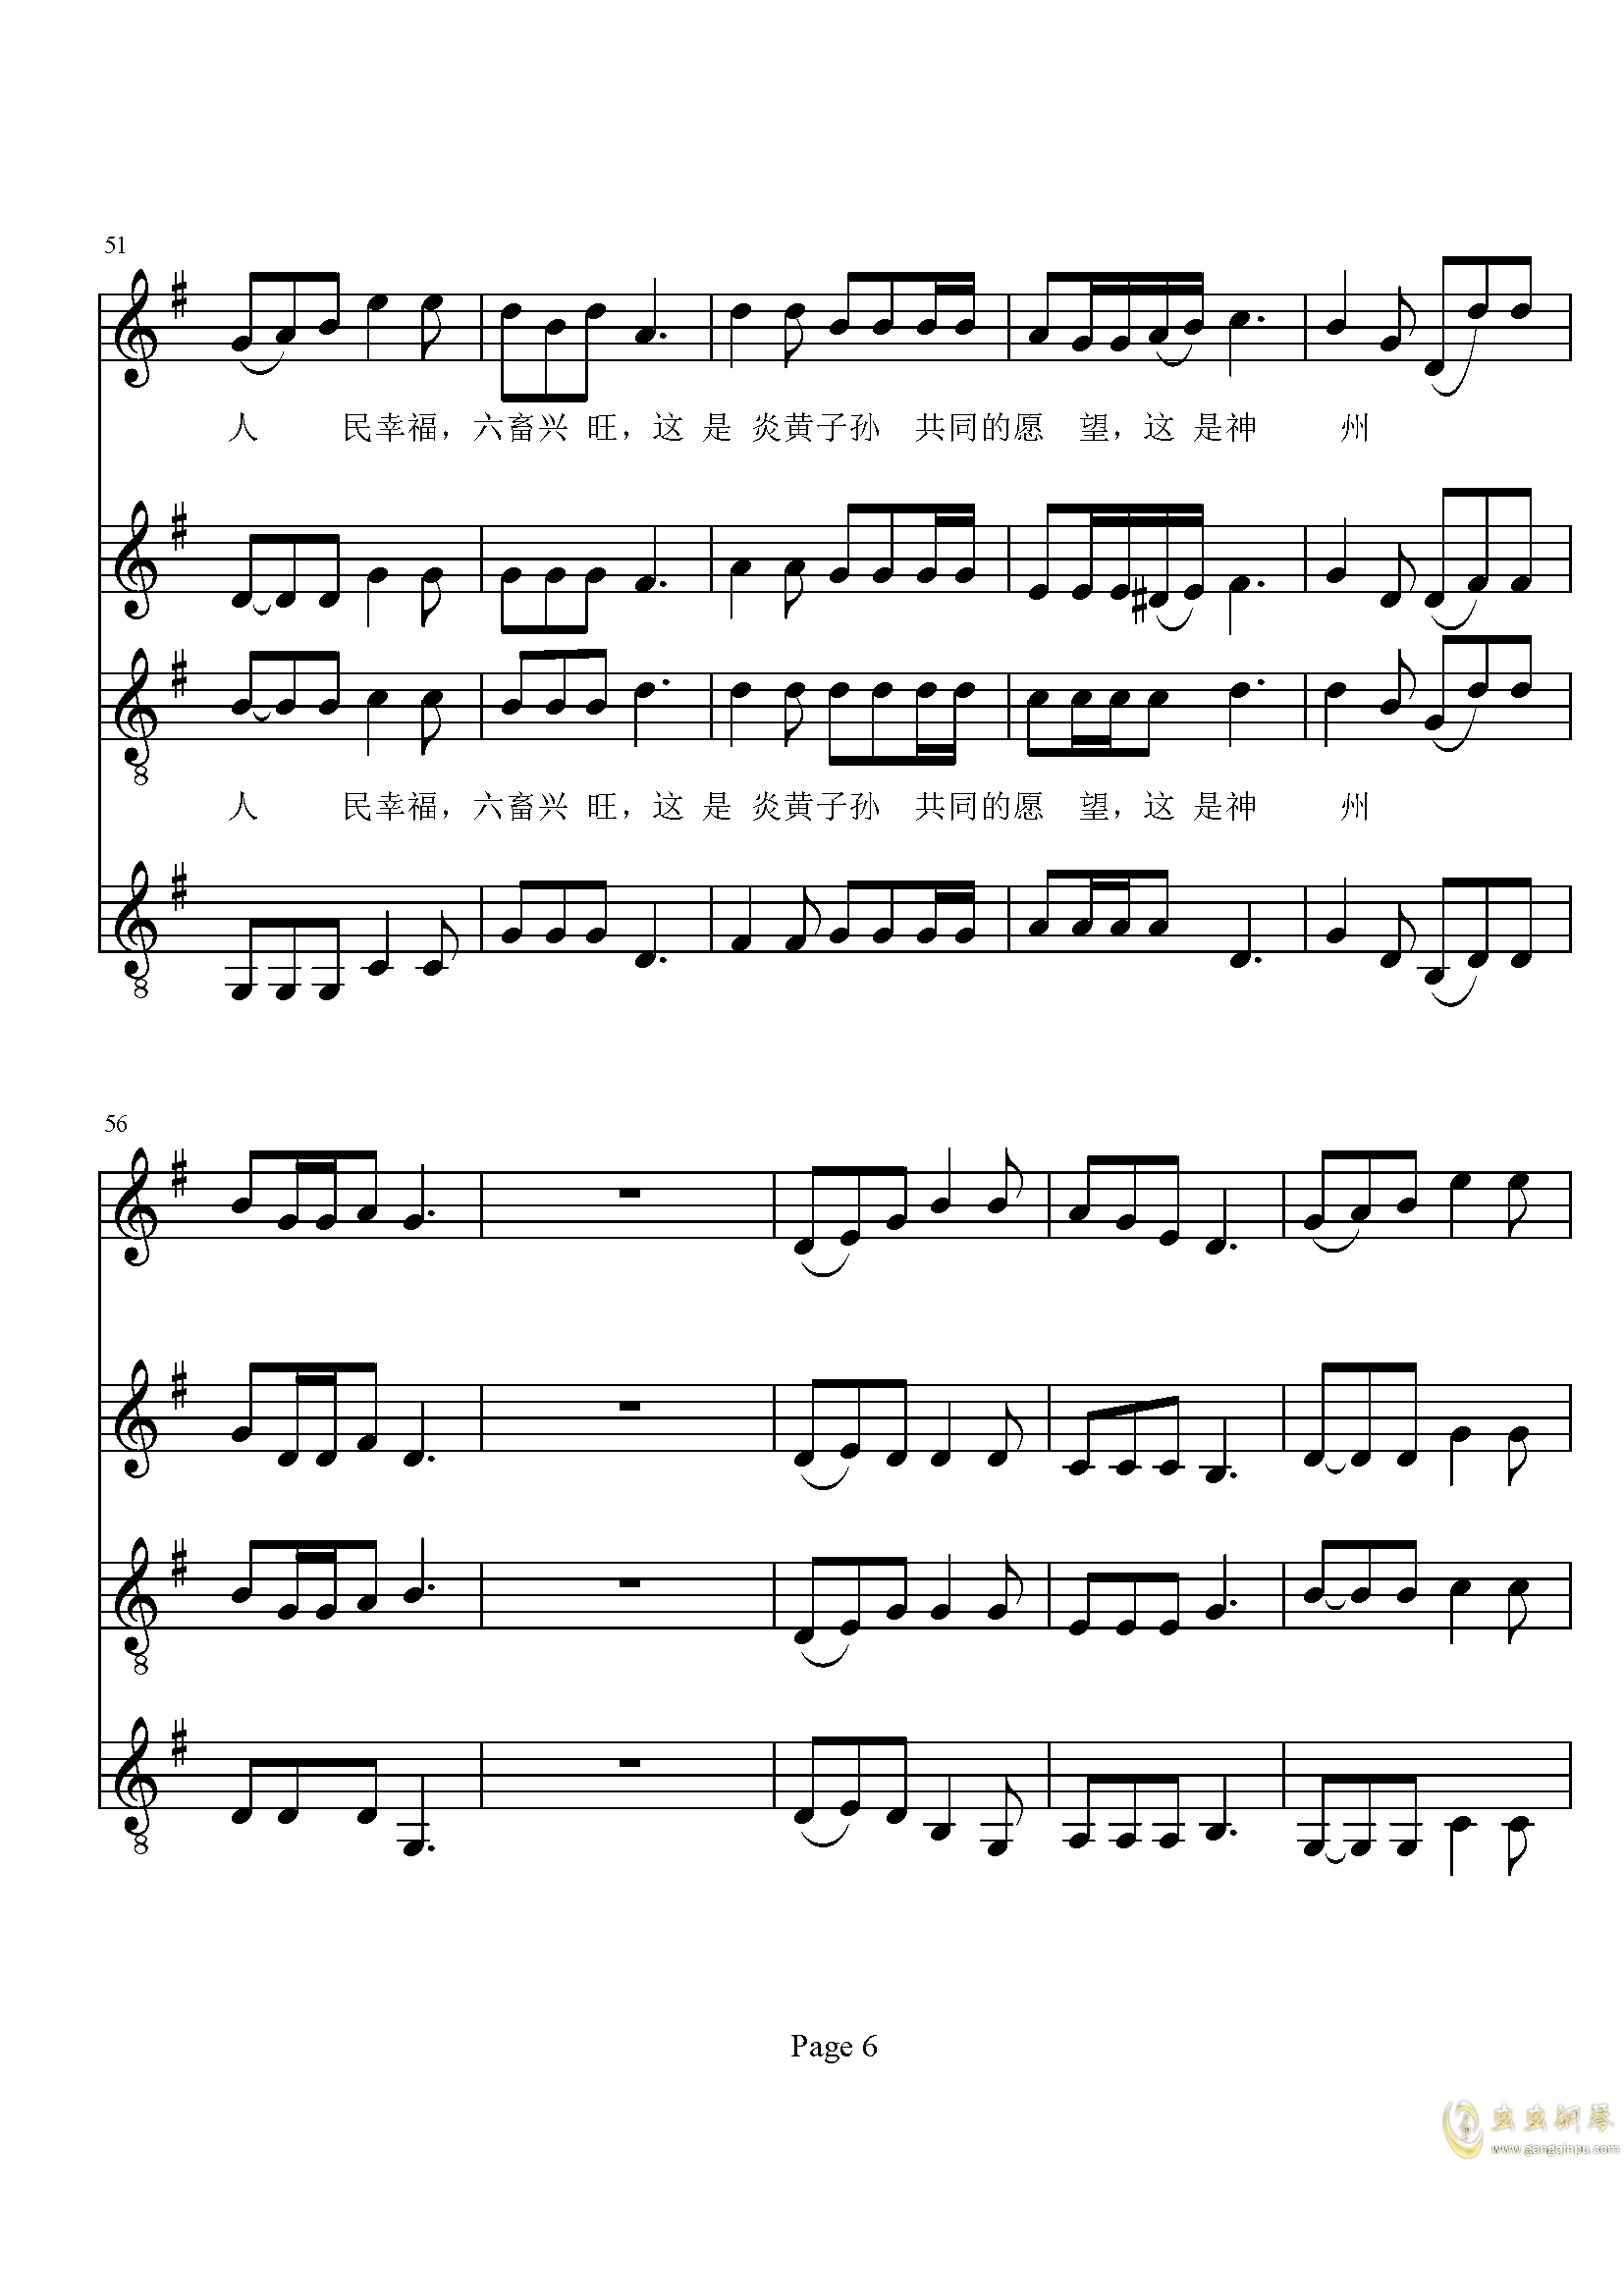 中国梦 合唱谱,管弦乐试听